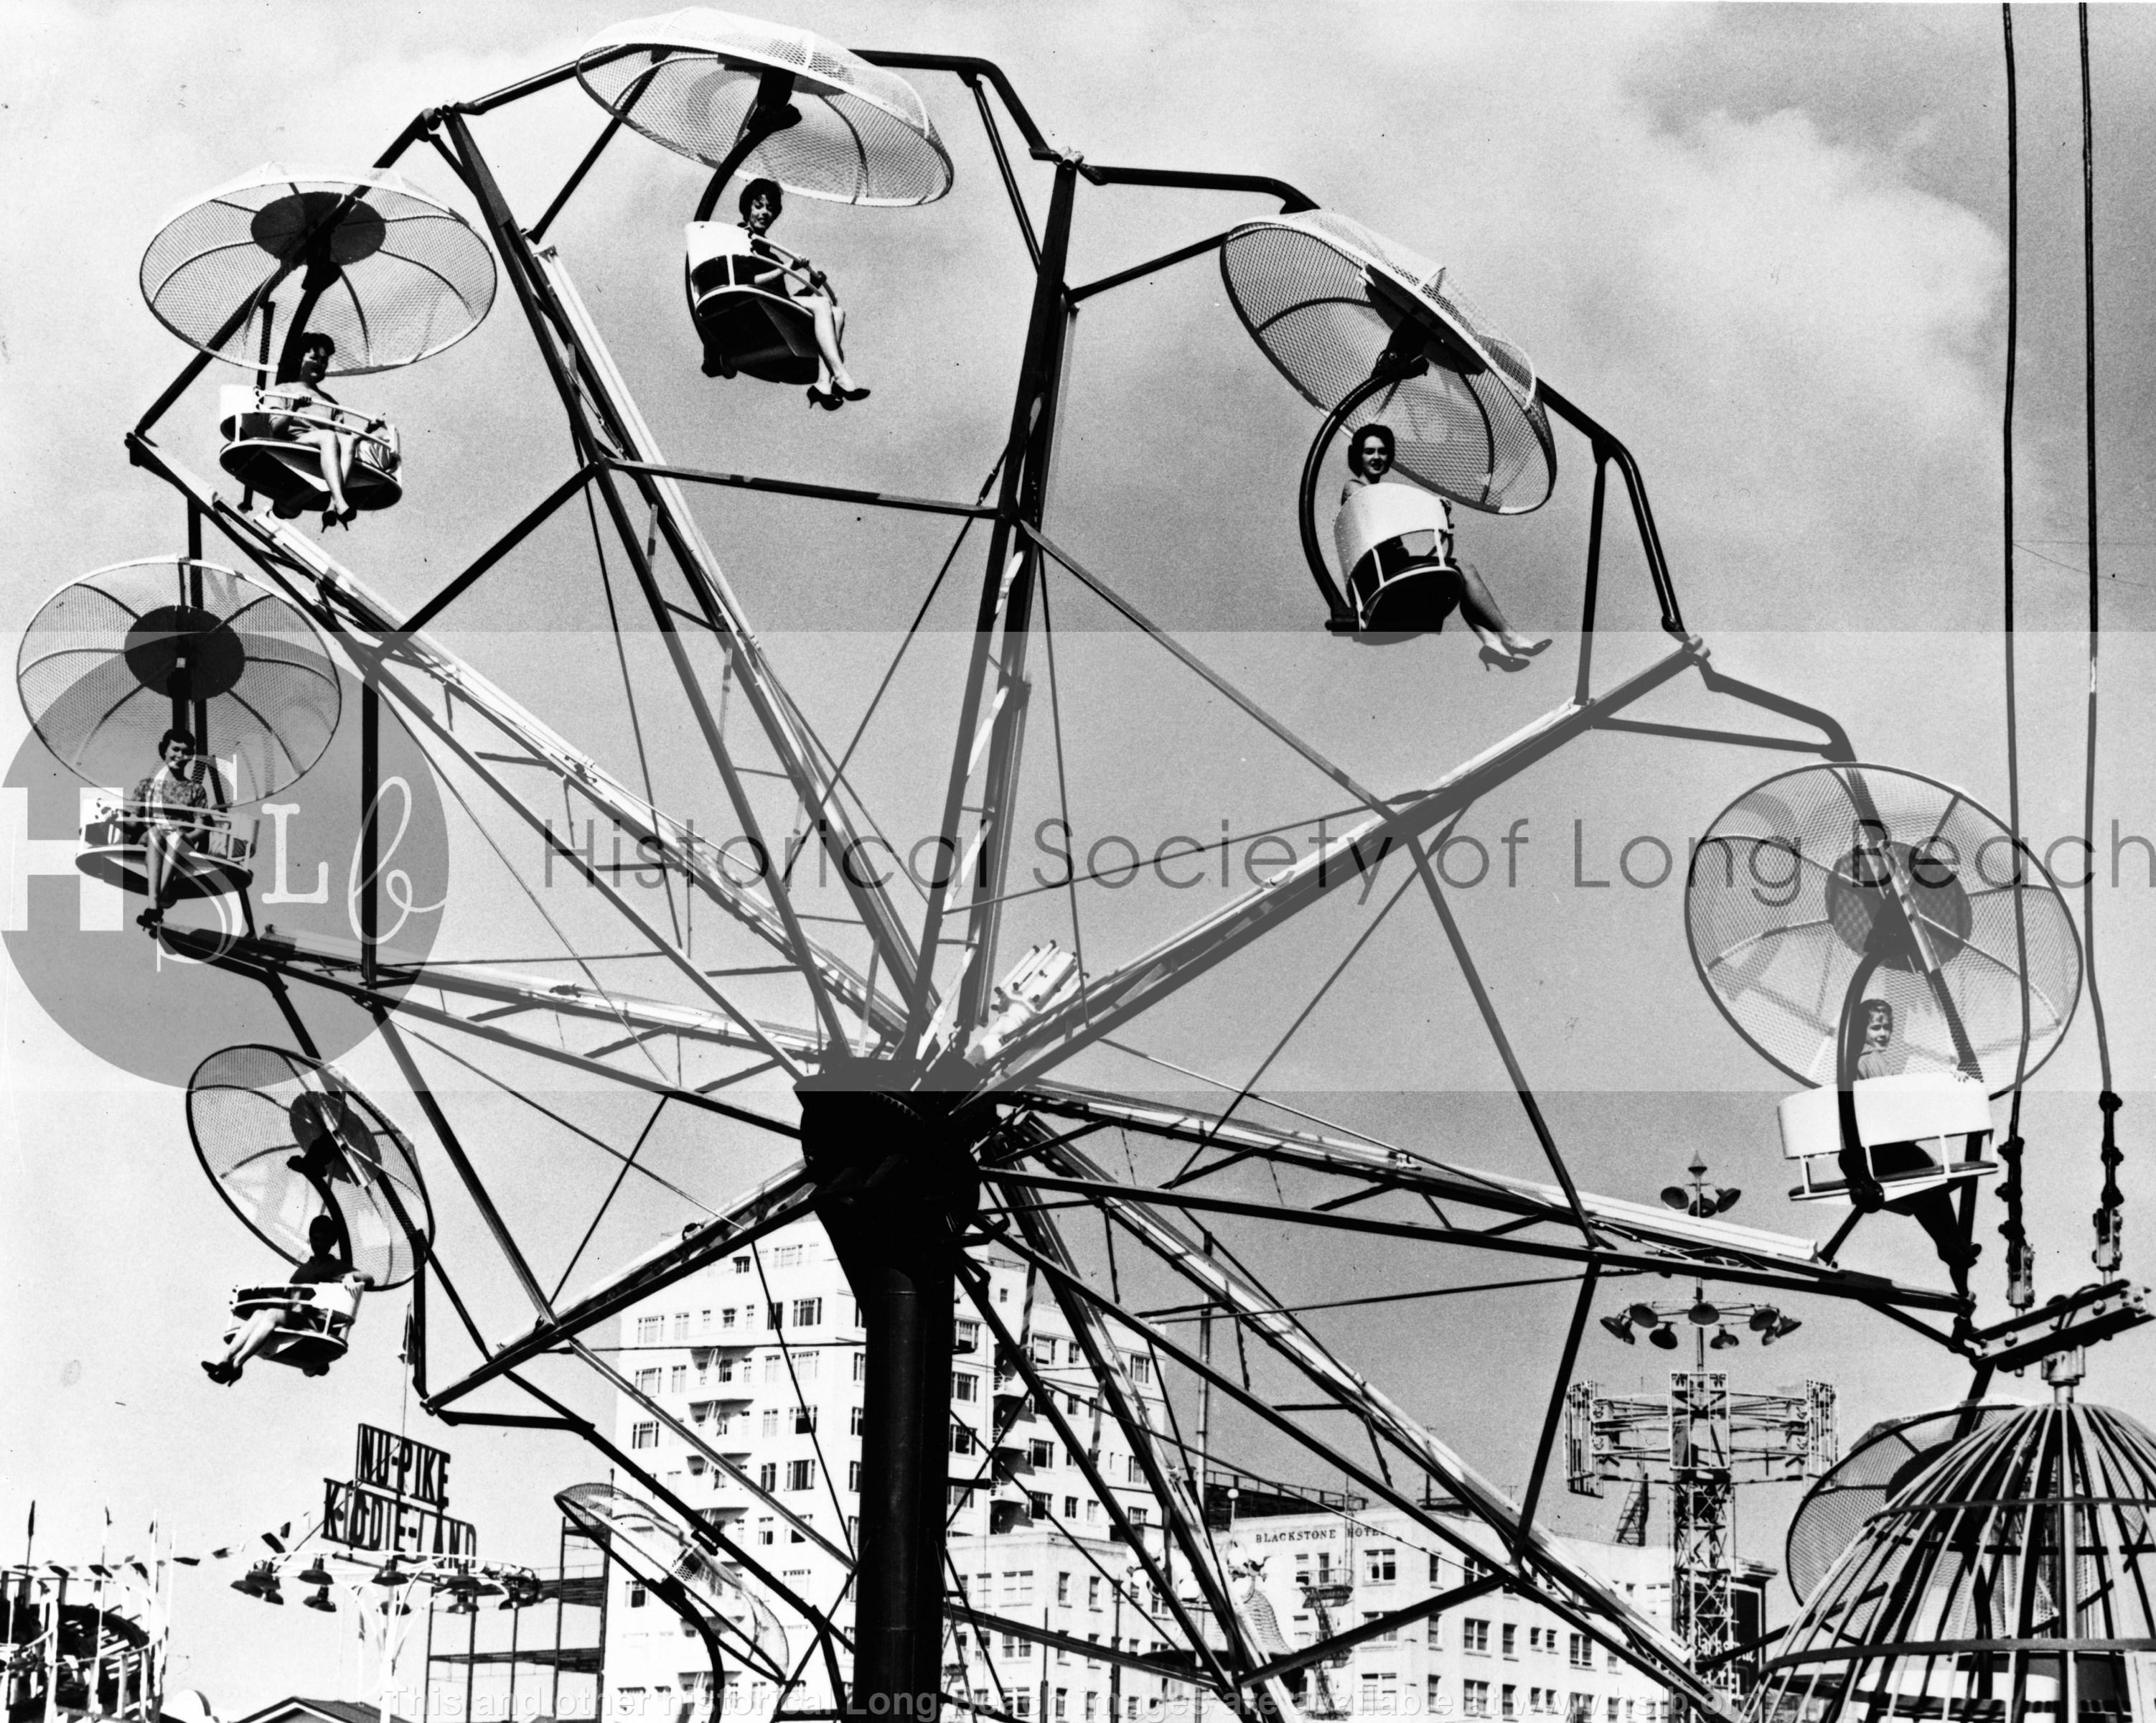 Ferris wheel beauty contestants, 1955 vintage photograph